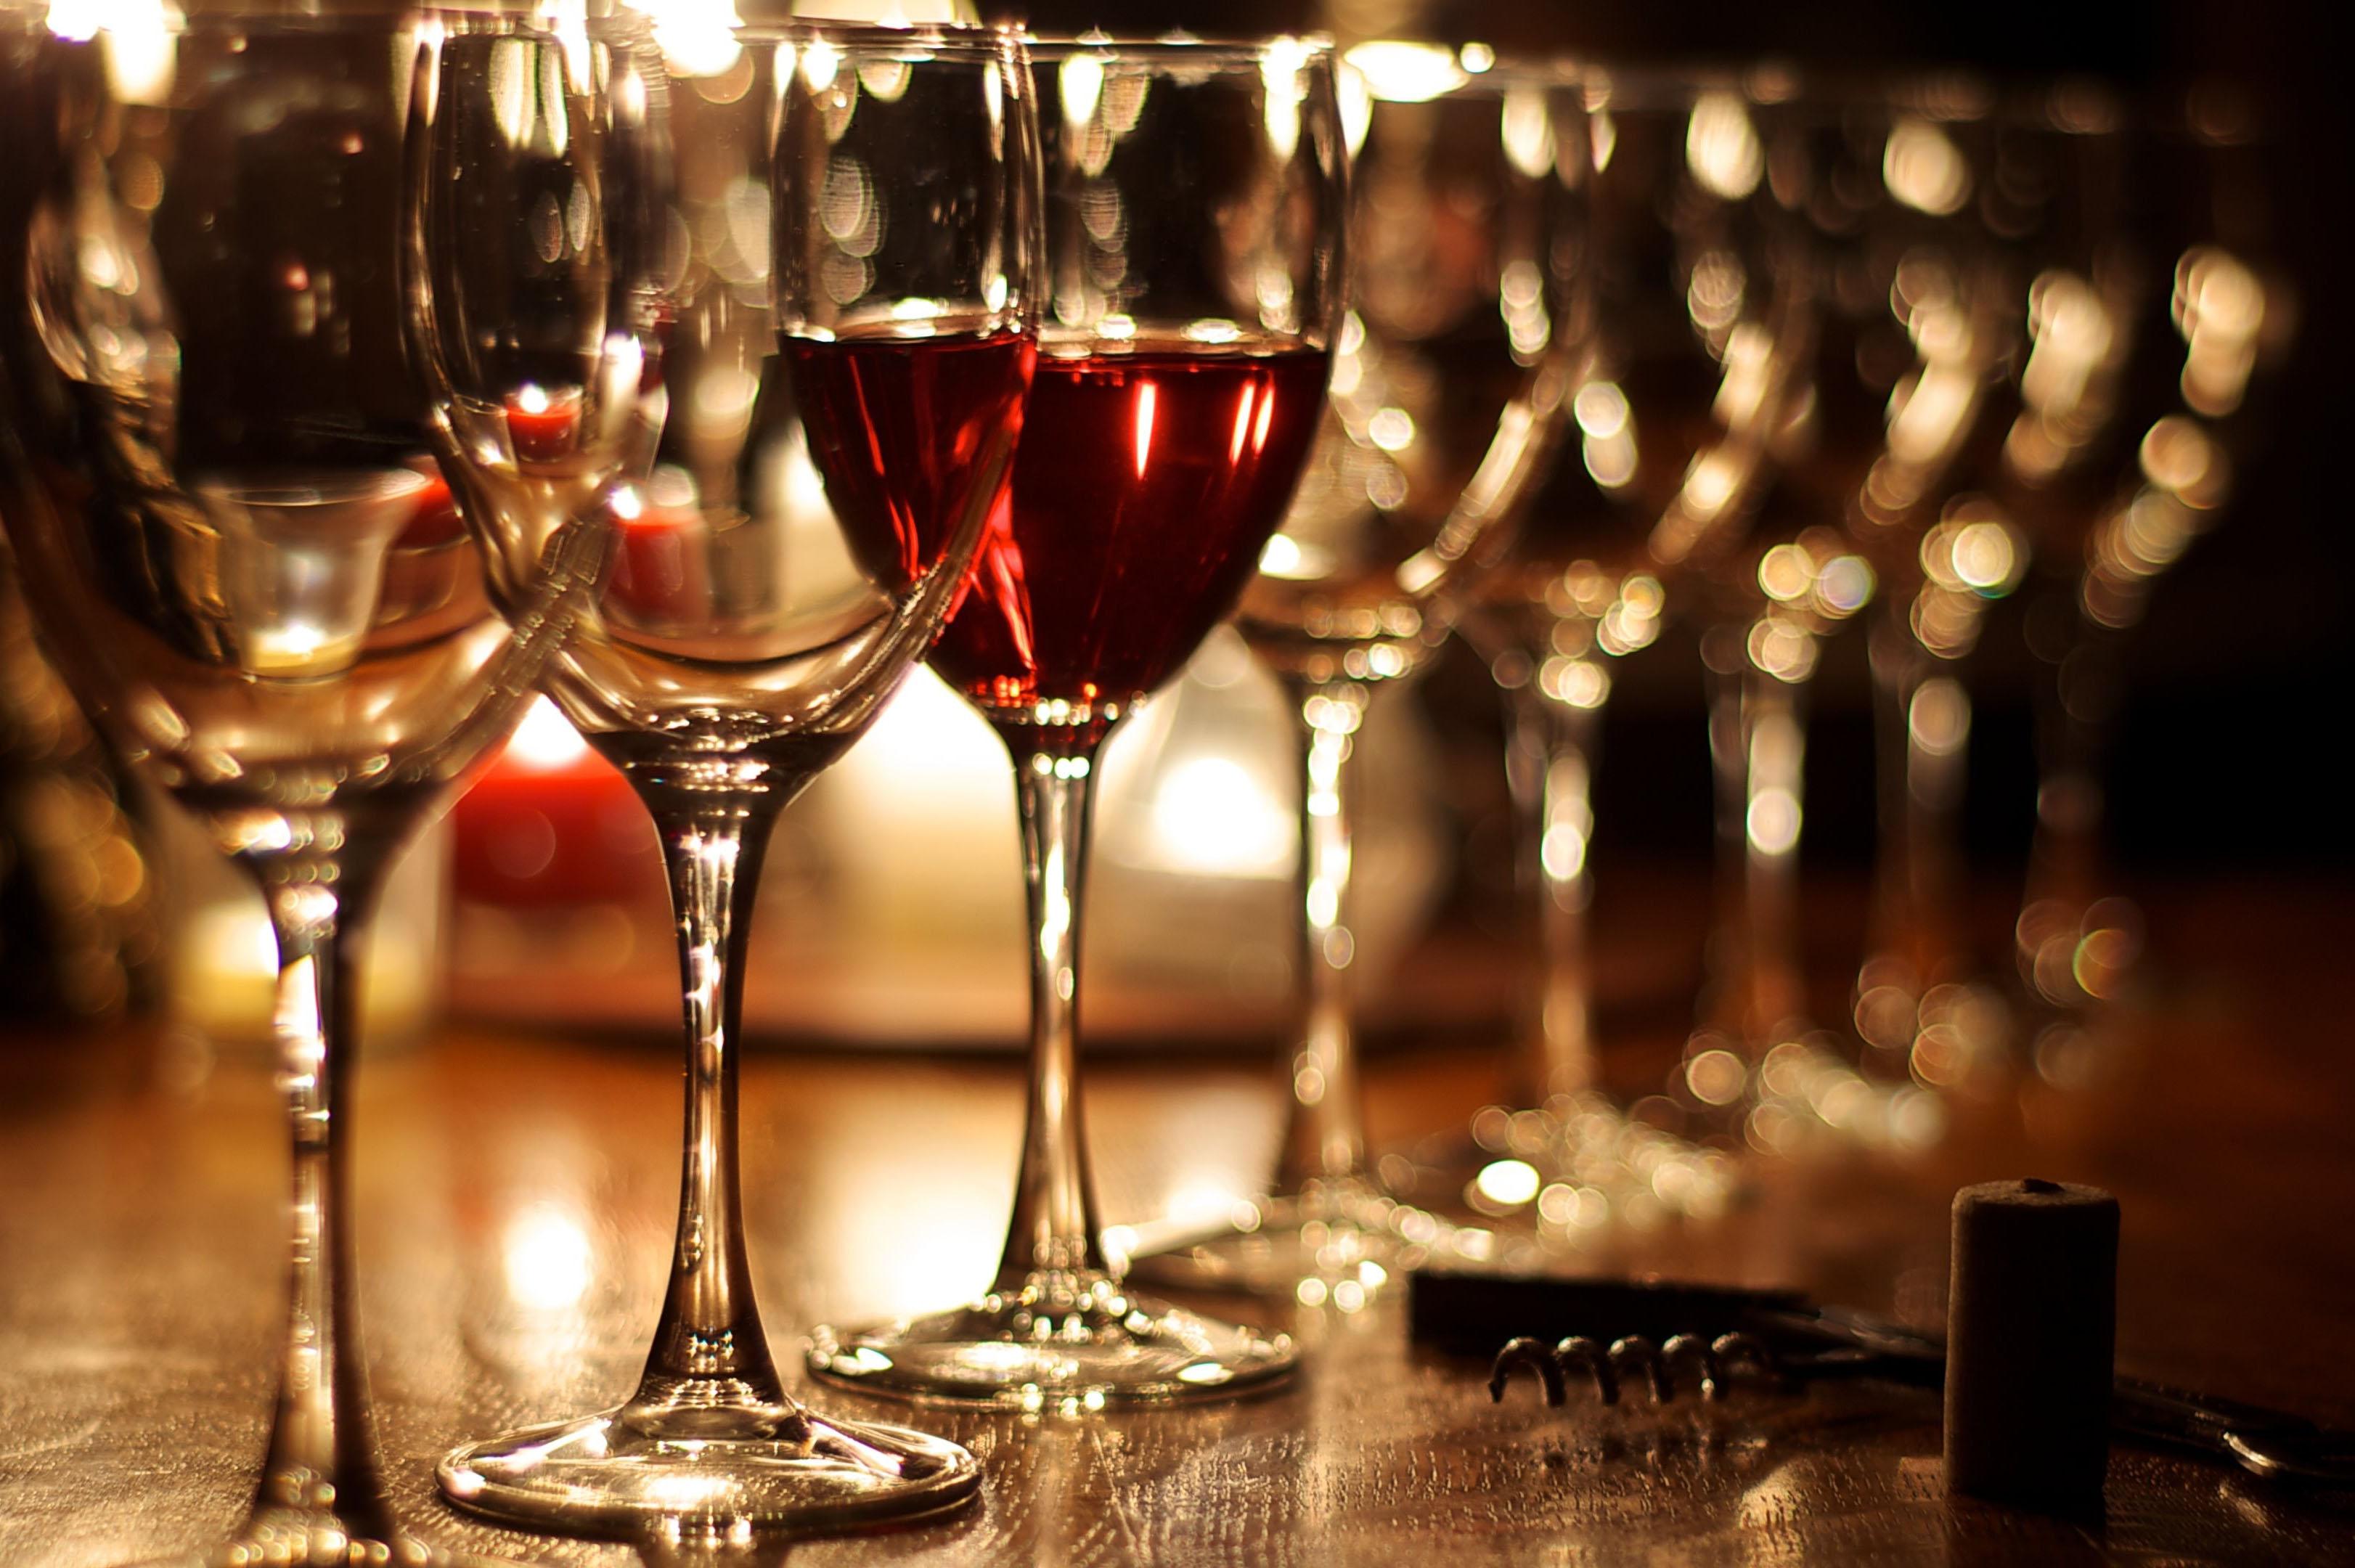 Aantal dronken senioren op de eerste hulp neemt toe